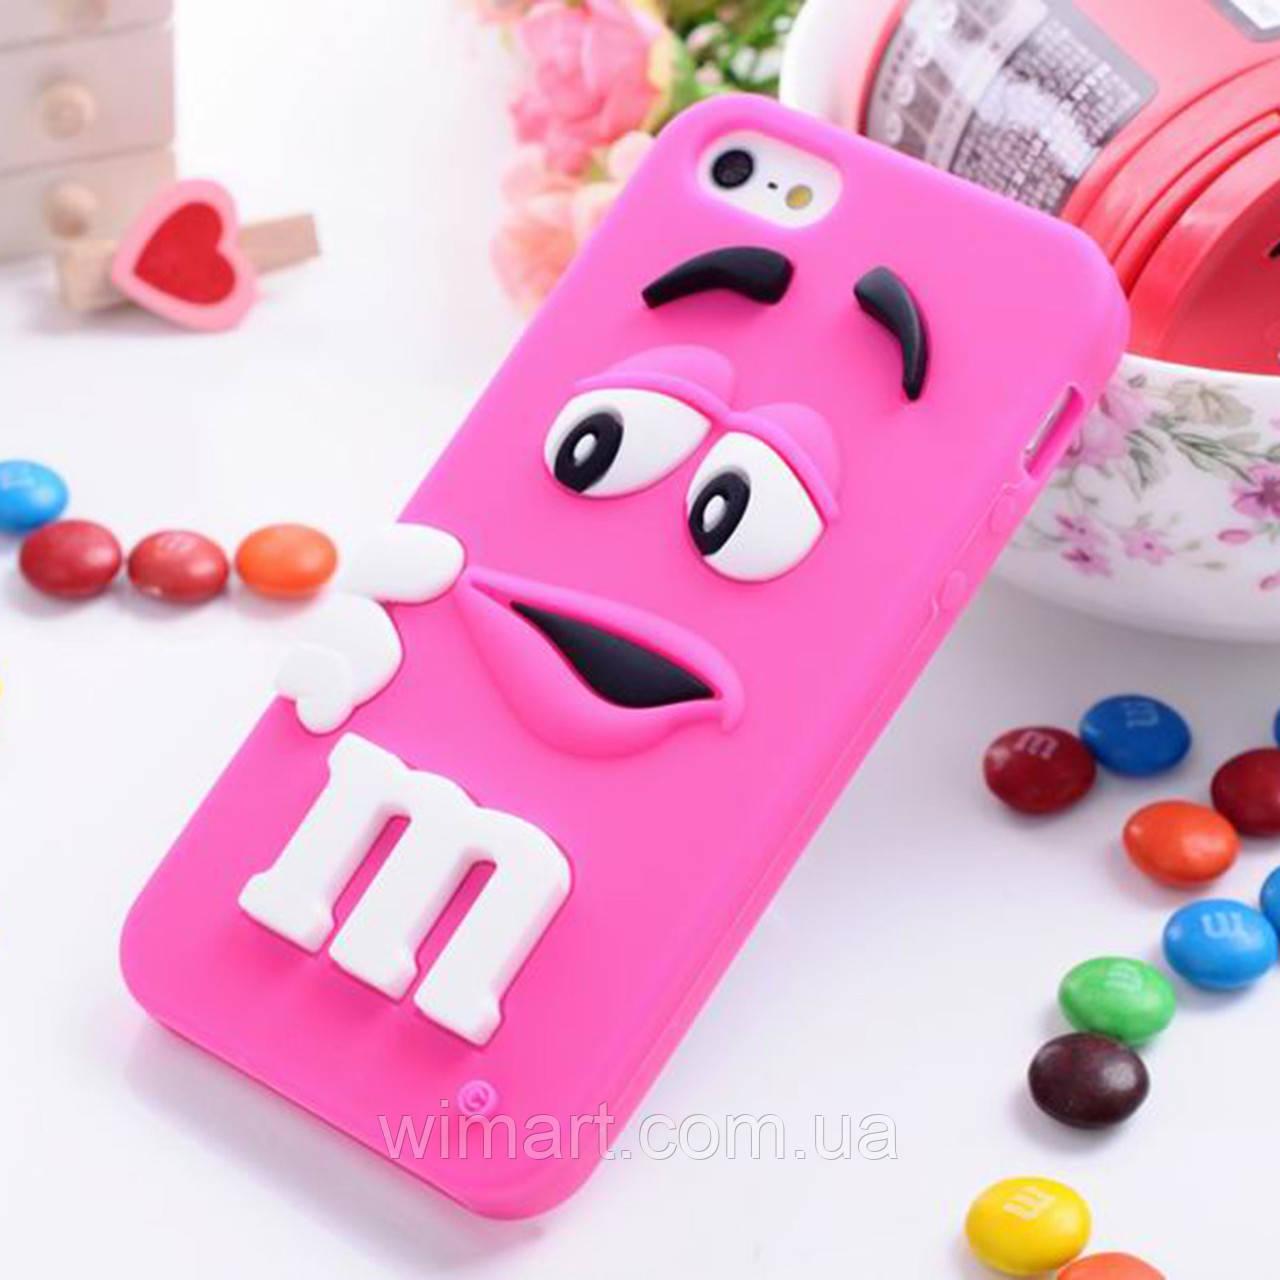 Чохол M&m's для Apple iPhone 5/5s рожевий